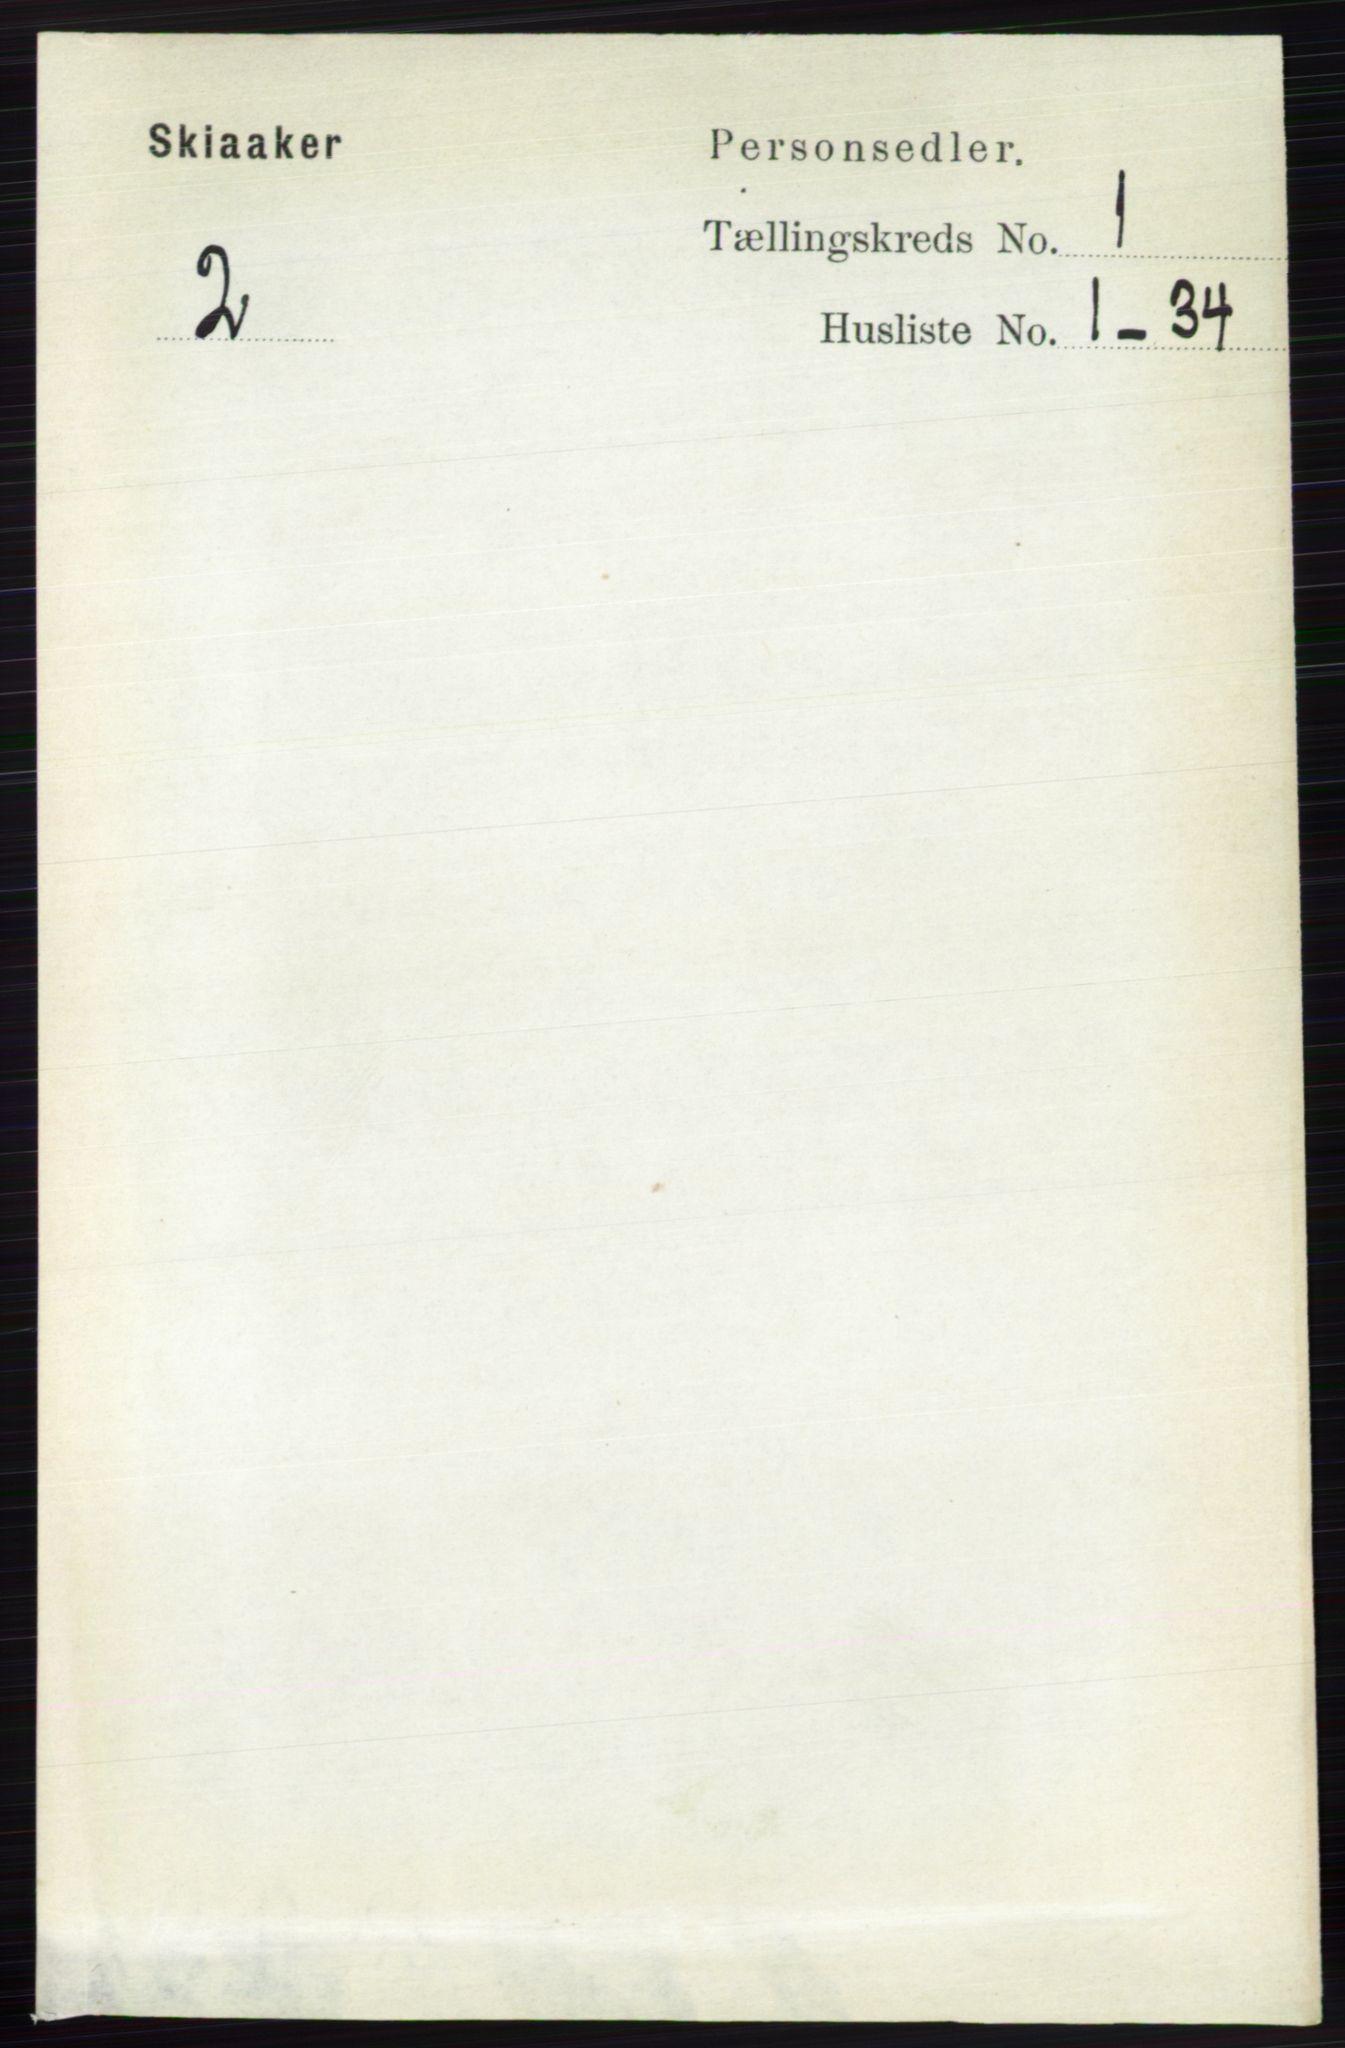 RA, Folketelling 1891 for 0513 Skjåk herred, 1891, s. 86